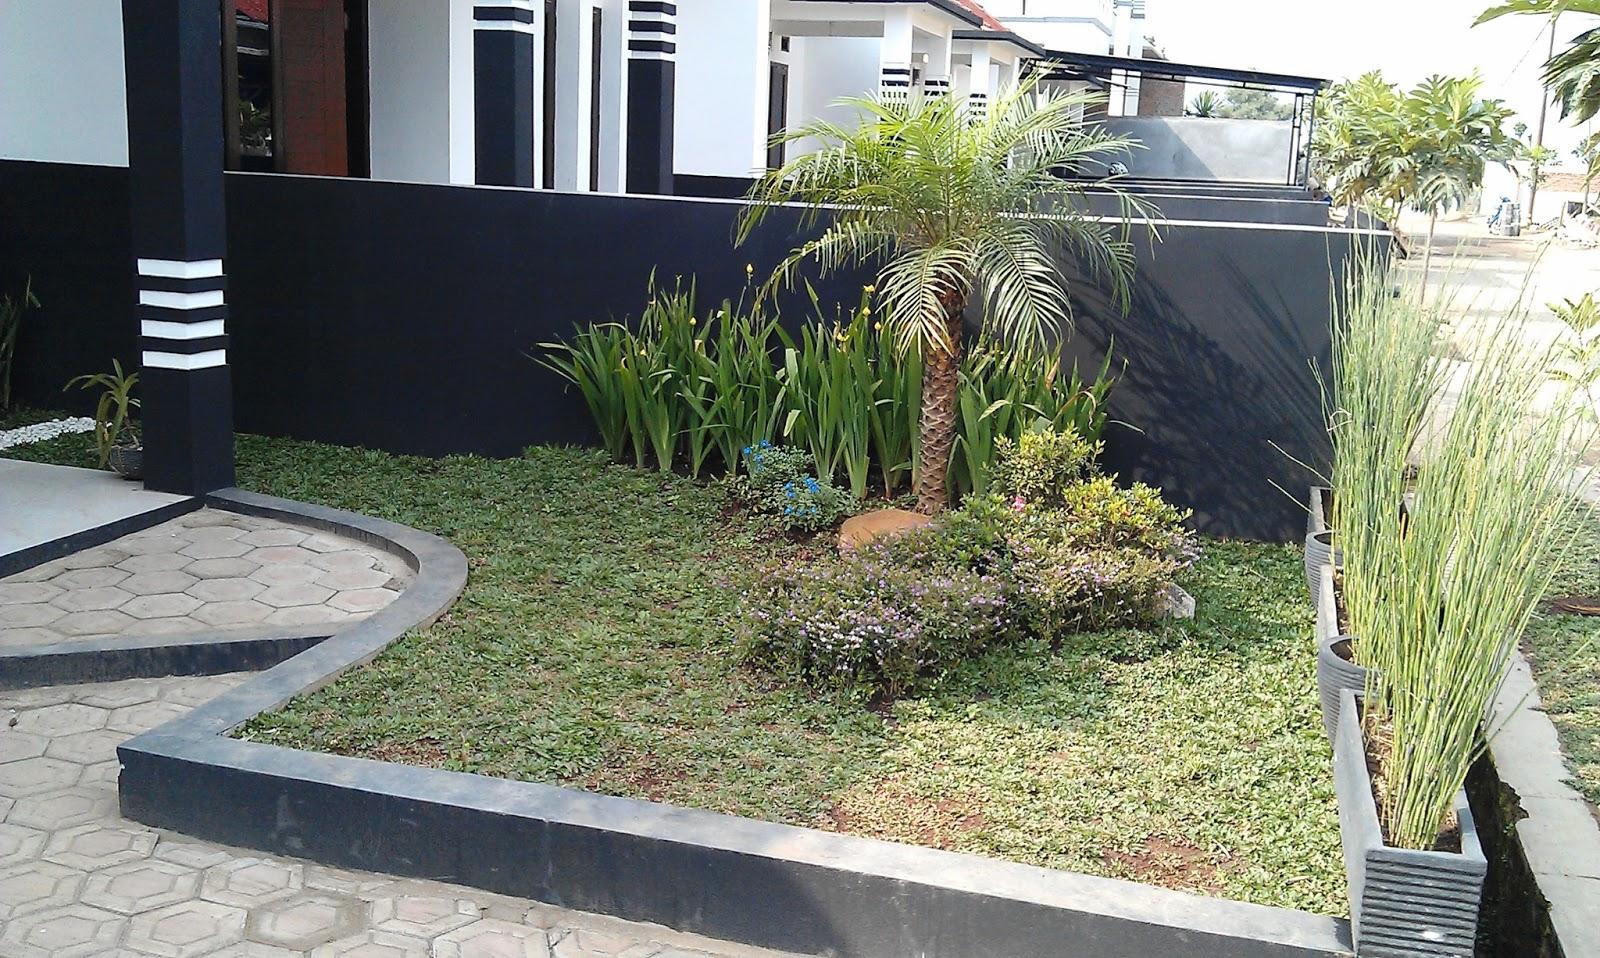 taman rumah minimalis type 36 taman rumah minimalis sederhana taman rumah minimalis modern gambar taman rumah minimalis